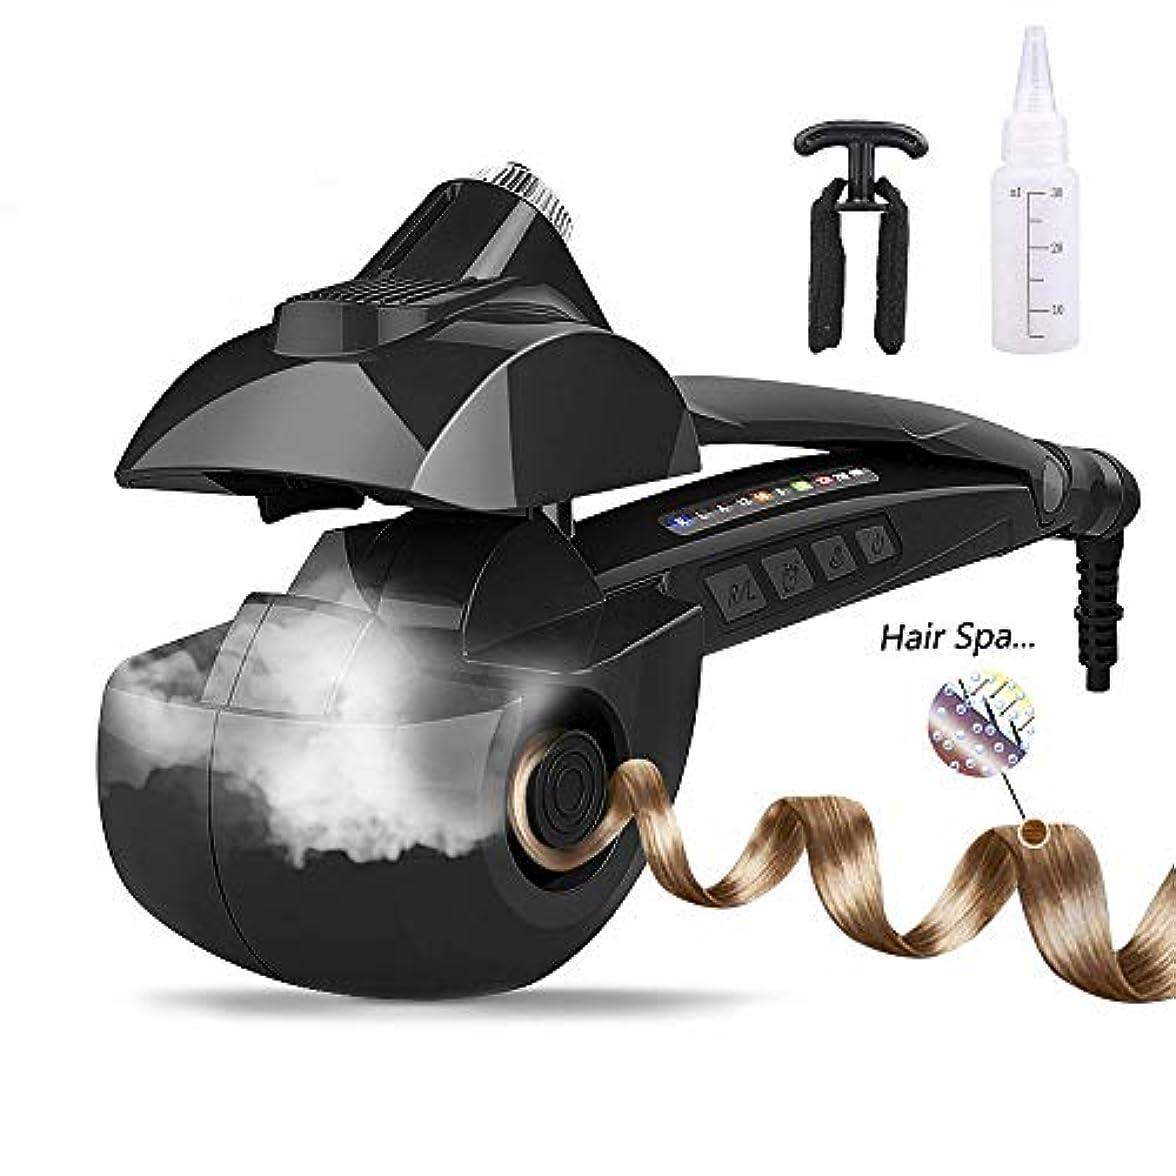 投げるビットかけがえのないオートカールアイロンREAK ヘアアイロン カール オートカールヘアアイロン スチームヘアアイロン アイロン蒸気 8秒自動巻き 自動巻きヘアアイロン スチーム機能 プロ仕様 海外対応 日本語説明書付き (黒)